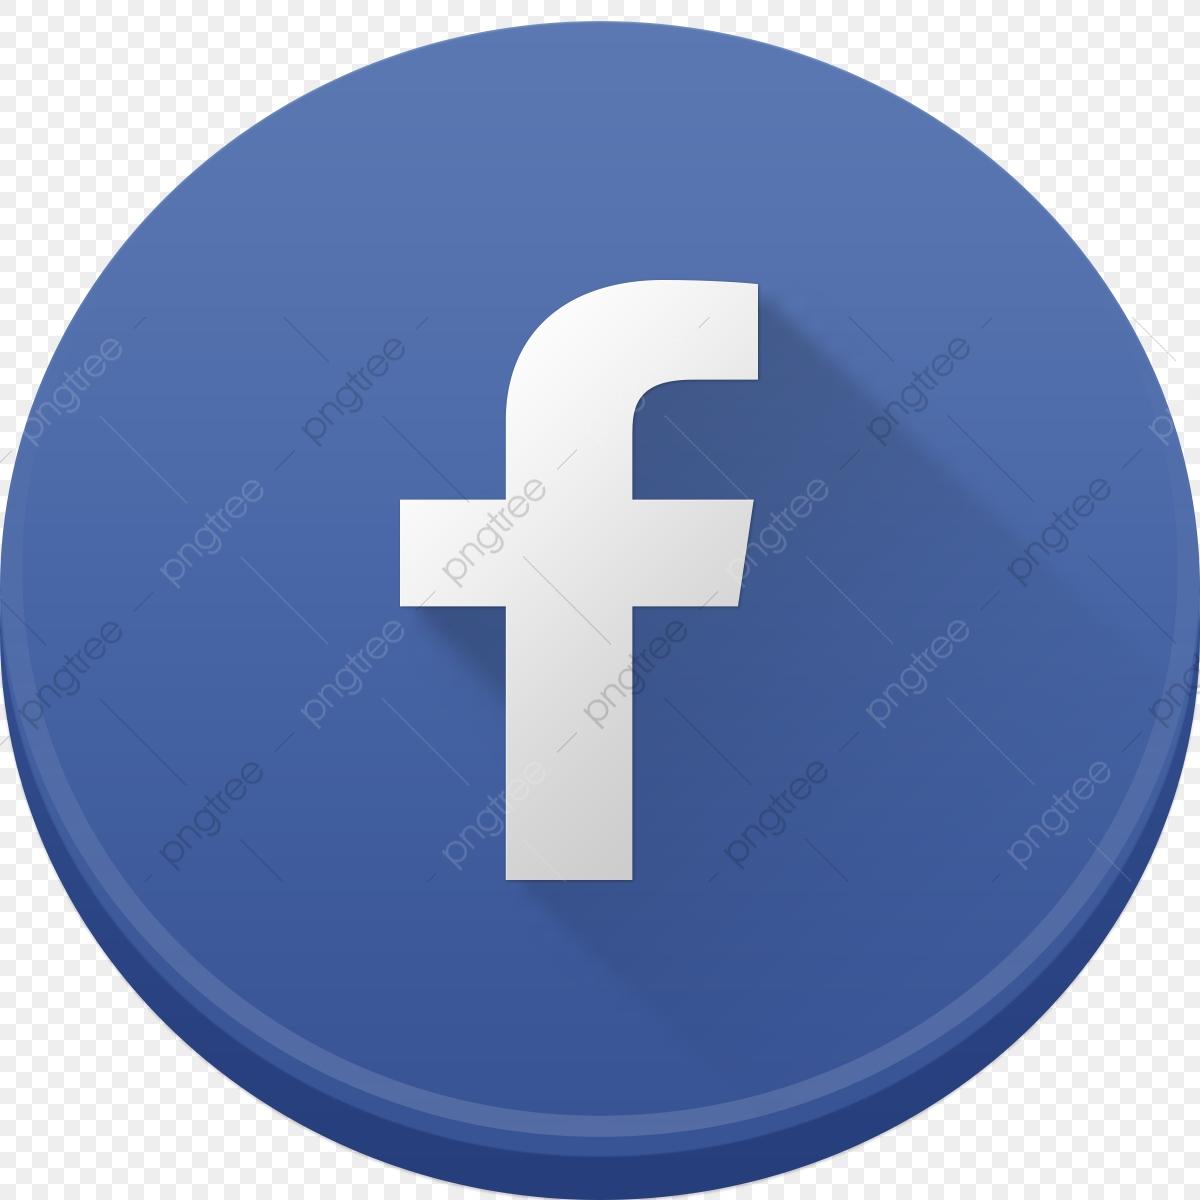 Facebook clipart psd. Icon fb logo